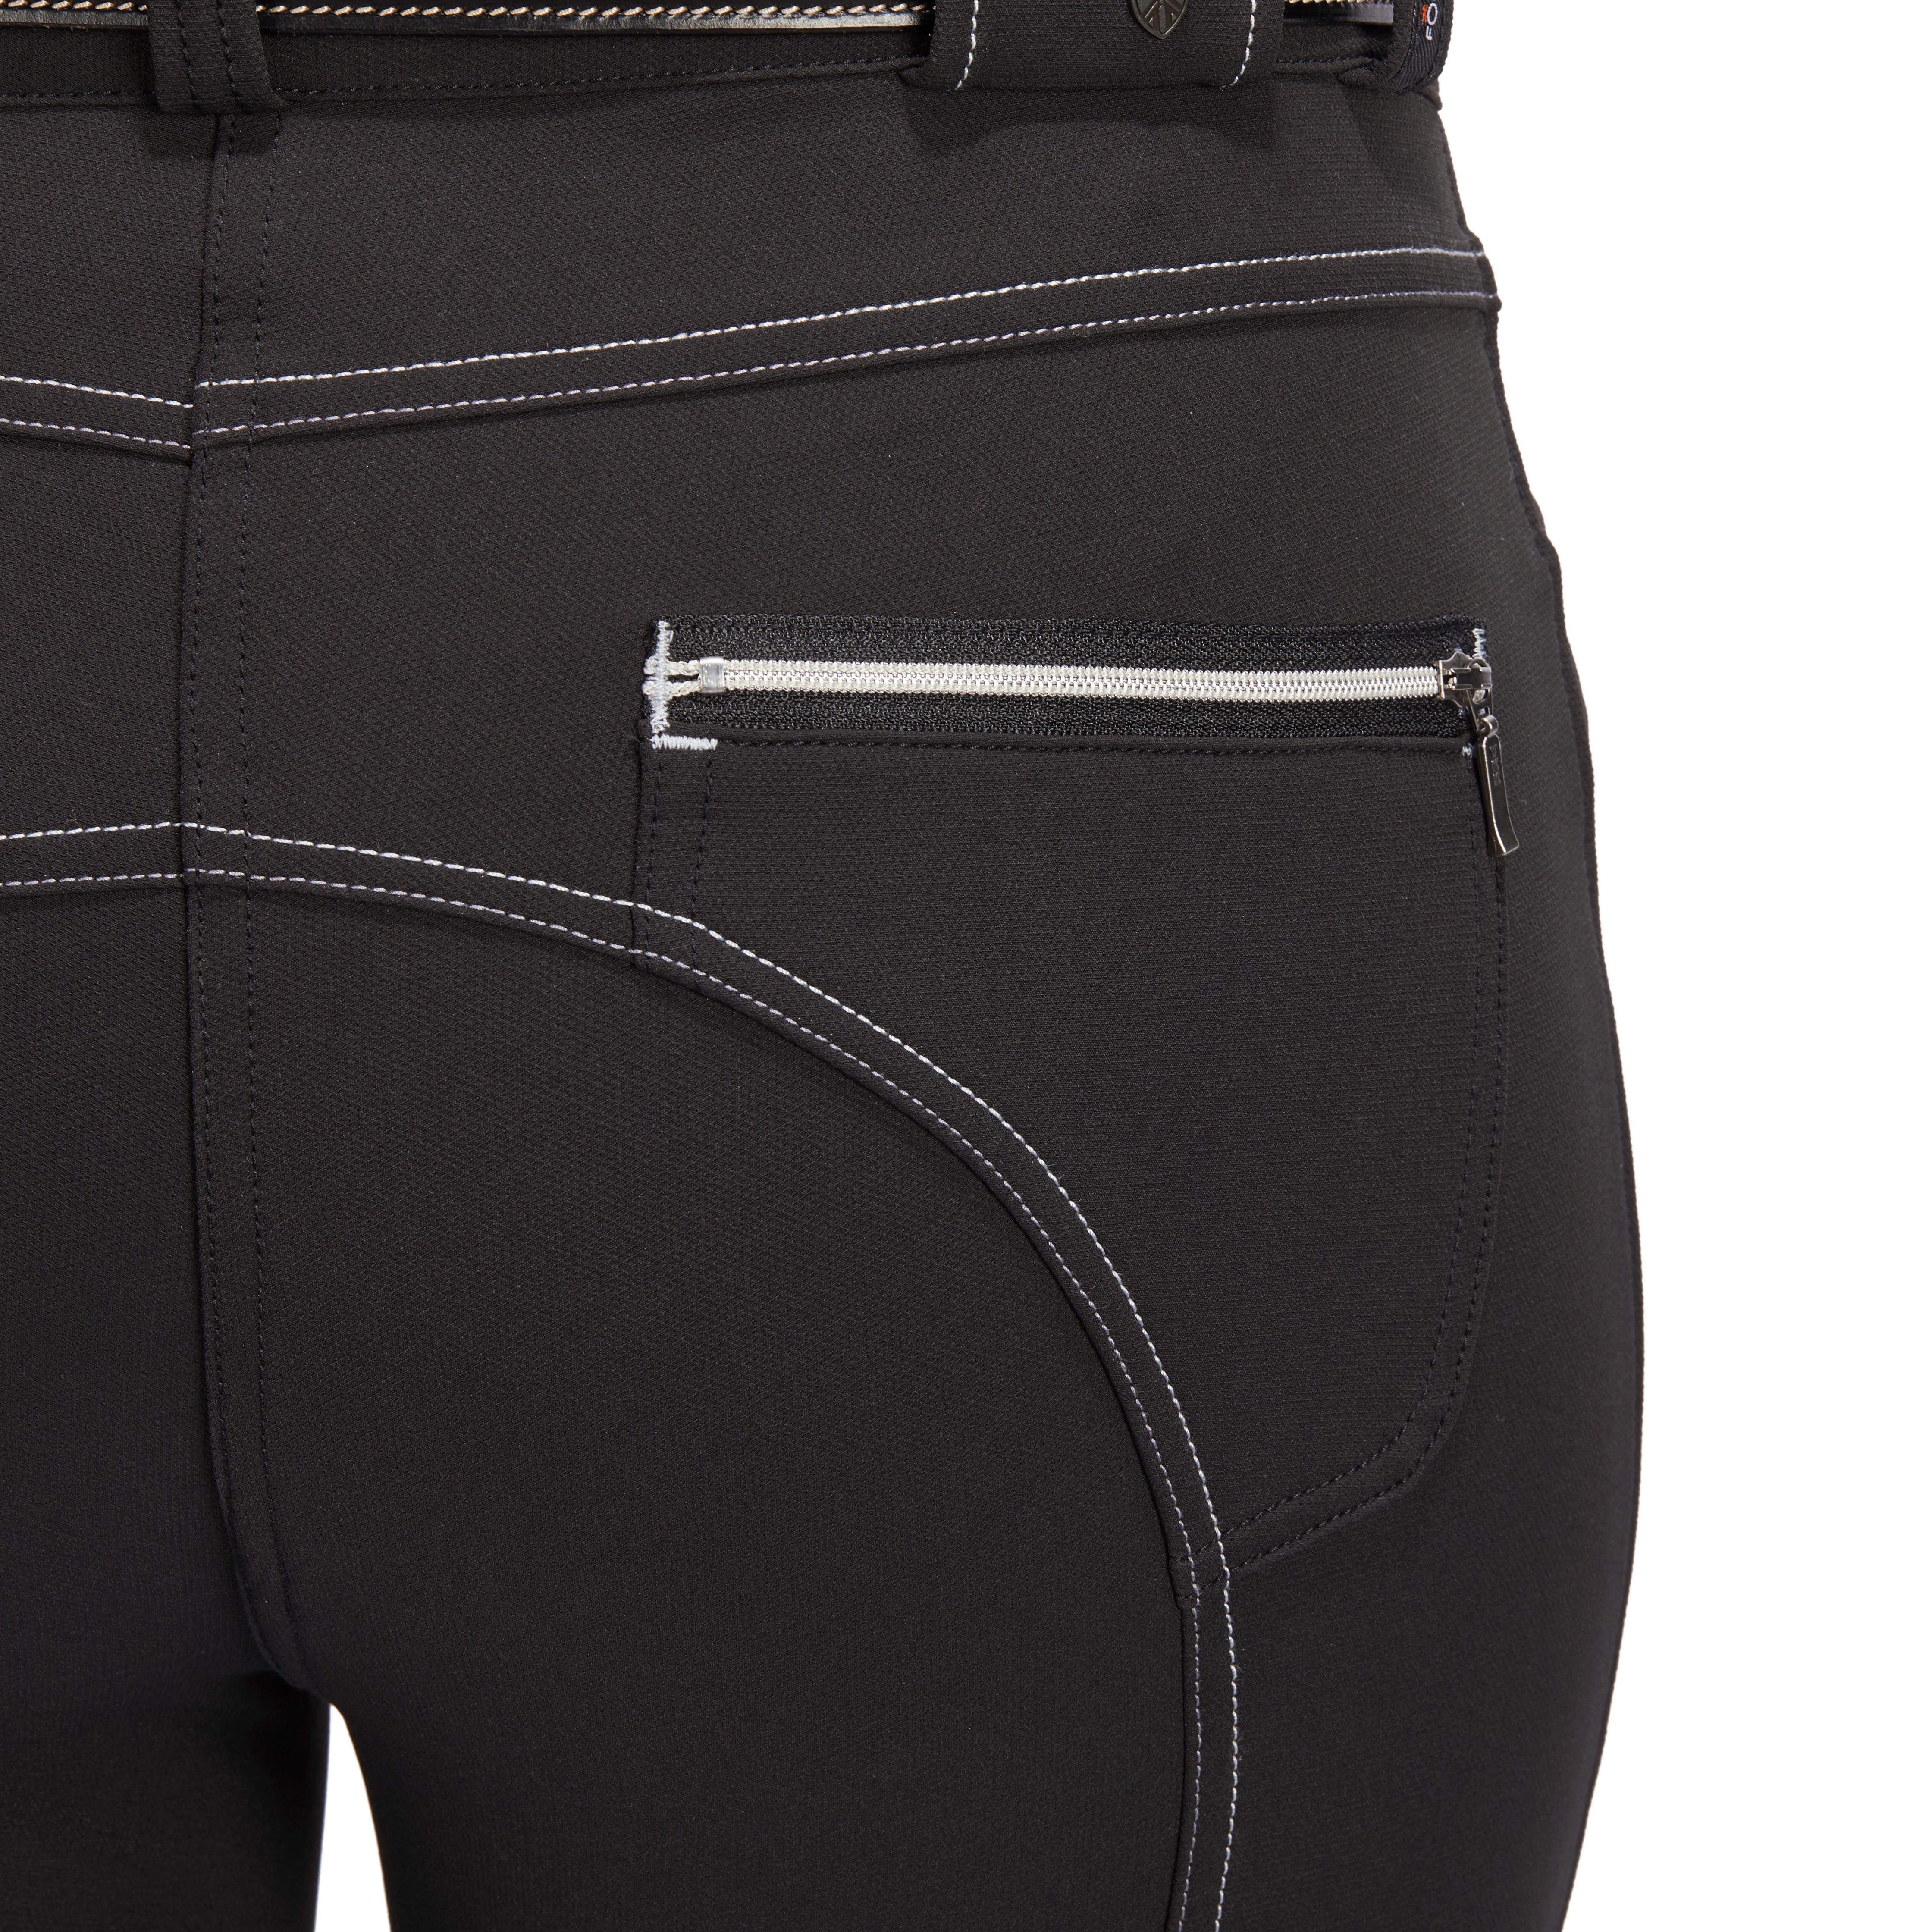 Pantalon équitation femme BR700 basanes noir